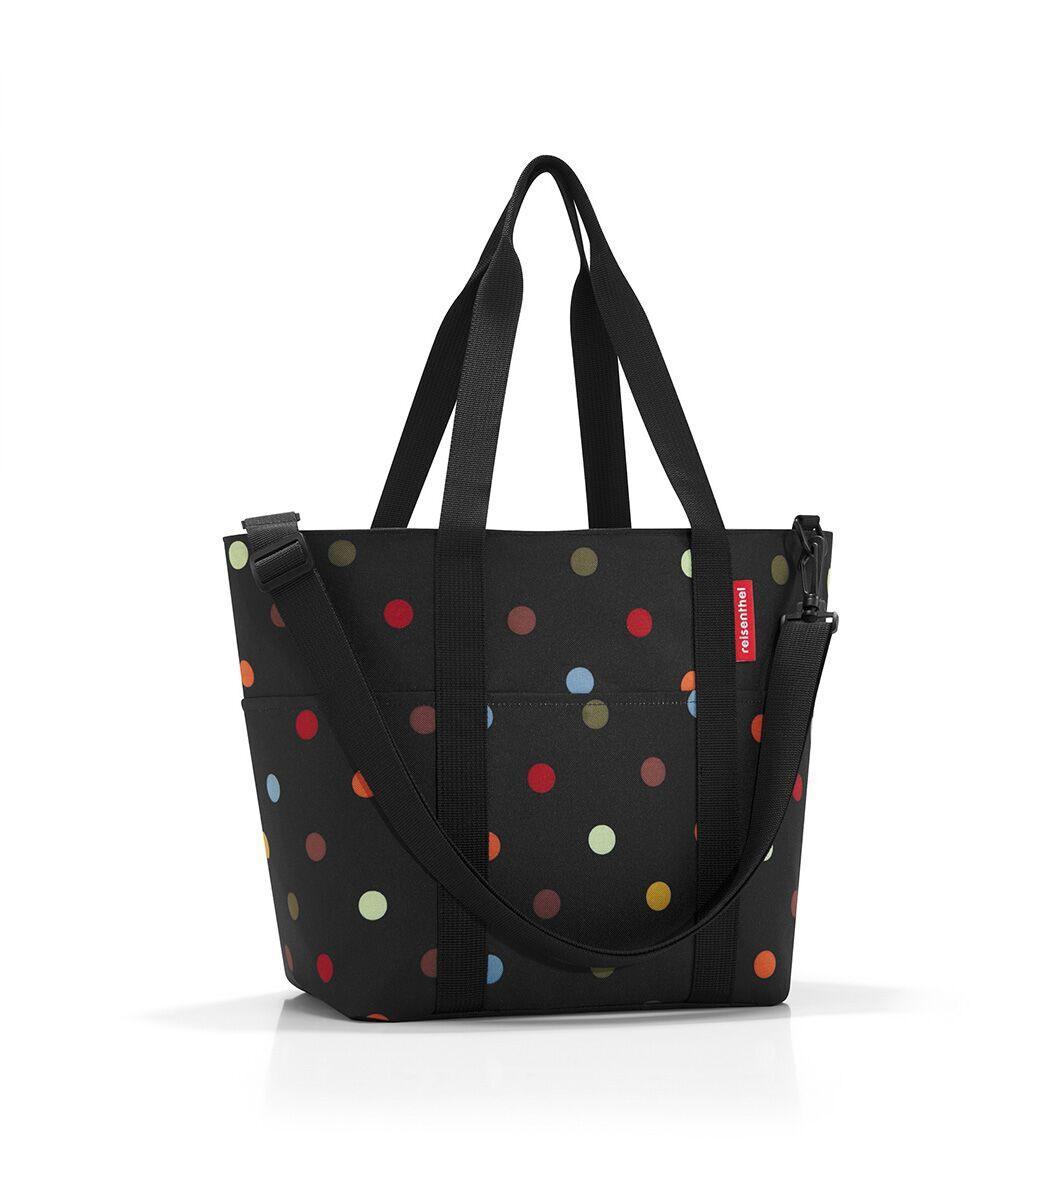 Сумка-шоппер жен. Reisenthel, цвет: черный. MZ7009MZ7009Универсальная сумка для прогулок, пикника или шоппинга. Продуманный дизайн сочетает внешнюю привлекательность и исключительную практичность. Изобилие карманов и отделений помогает держать в порядке даже большое количество разнообразных вещей. - вместительное основное отделение на молнии; - 2 удобные ручки для переноски; - съемный регулируемый наплечный ремень; - 4 внешних и 6 внутренних отделения. - небольшой потайной карман, вшитый в подкладку; - подкладка на дне, обеспечивающая прочность и стойкую форму; - материал: высококачественный водостойкий полиэстер; - объем – 15 литров.